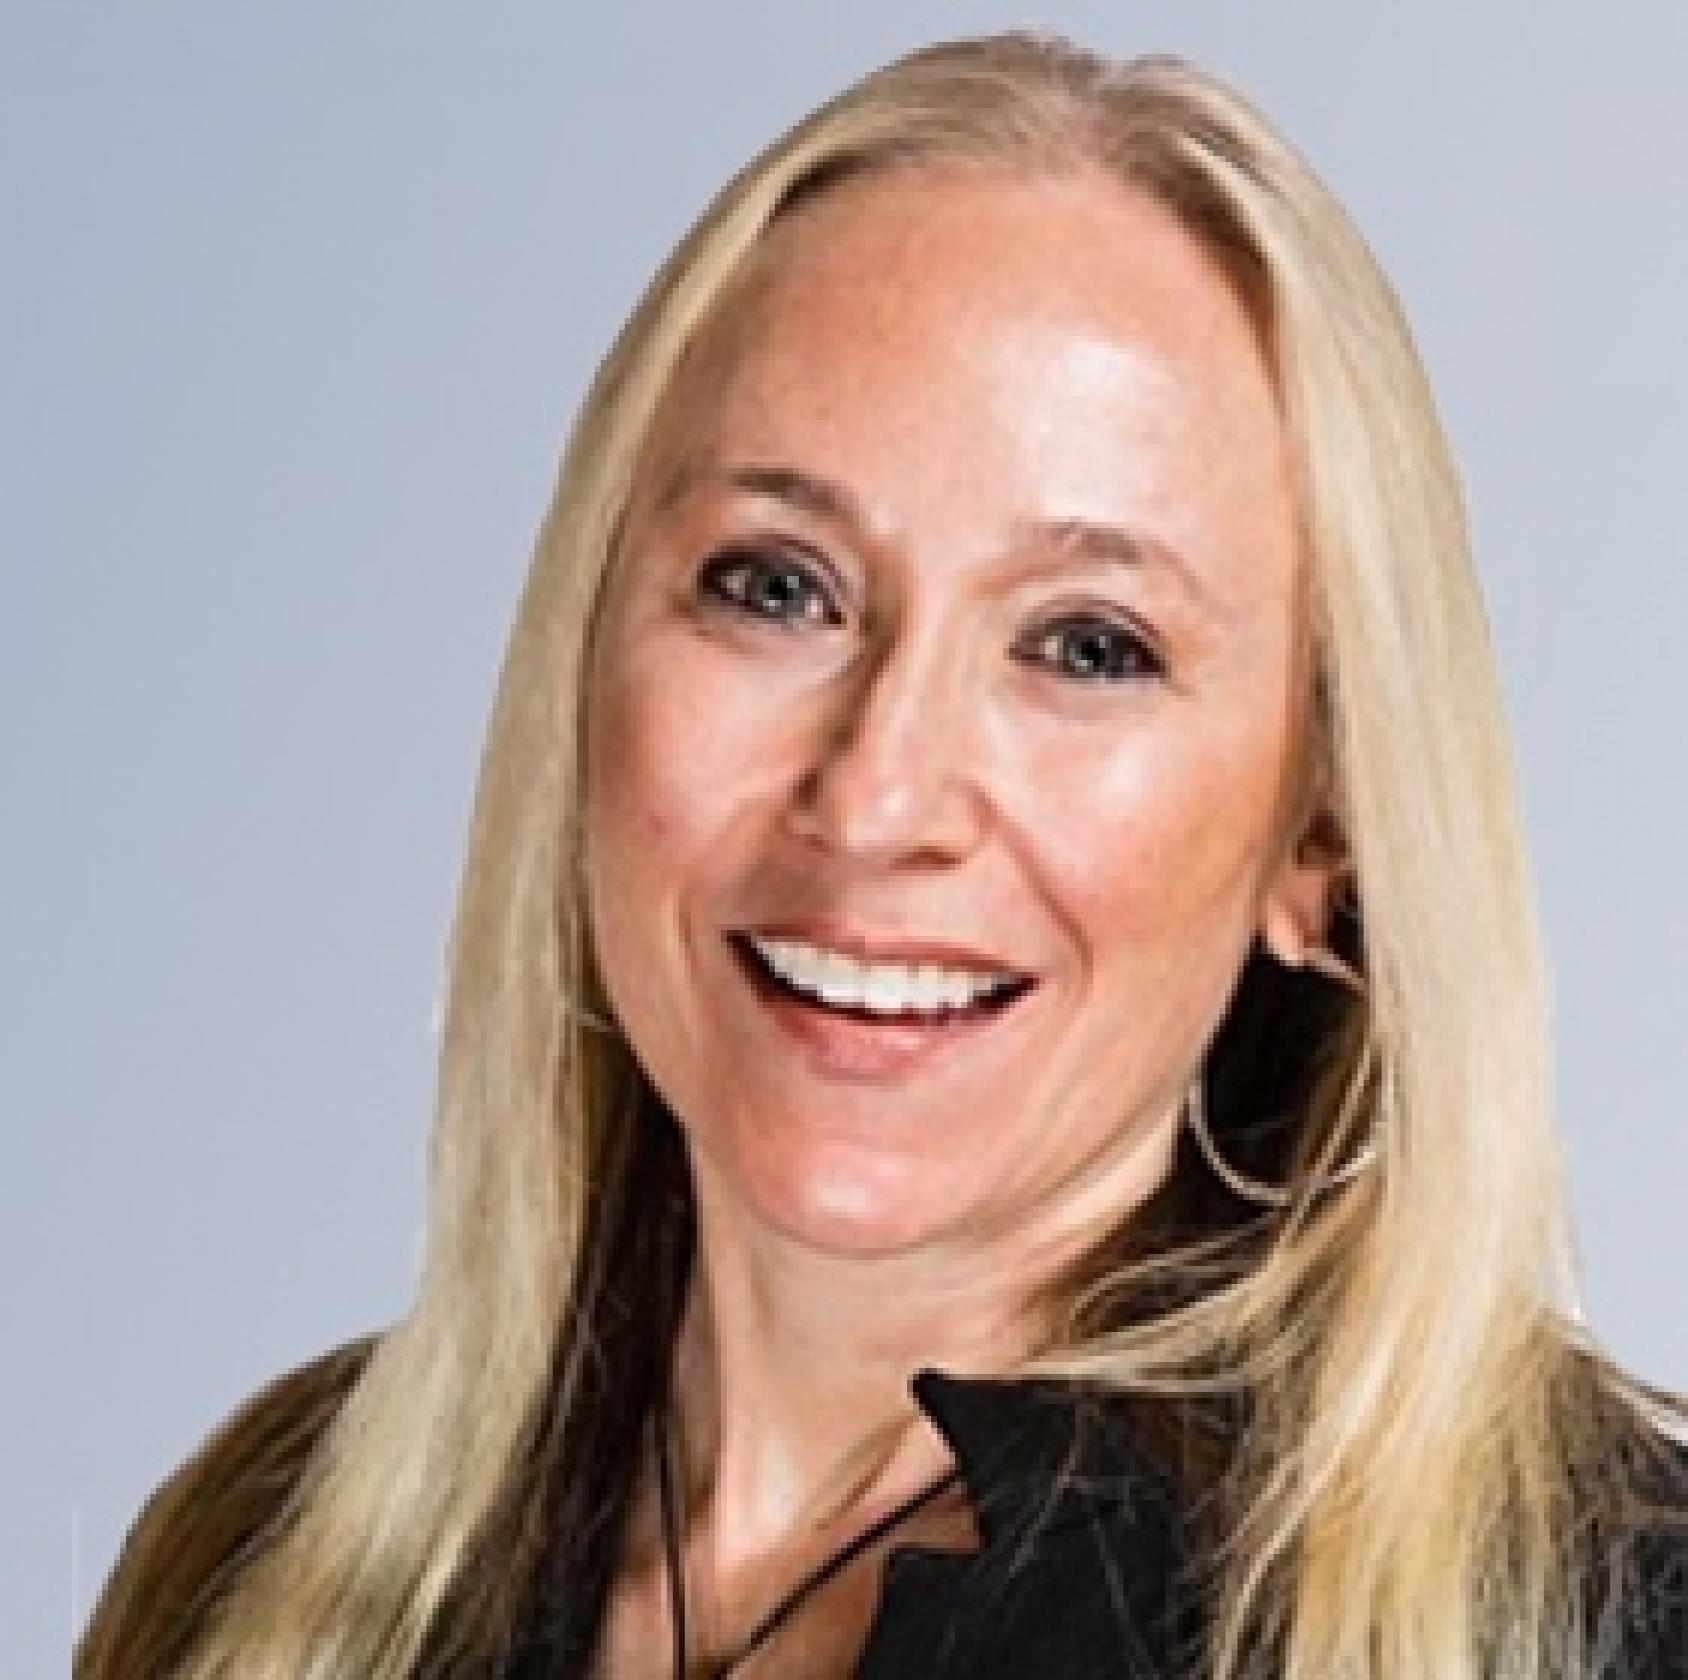 Panelist <br>ANNETTE FRANZ